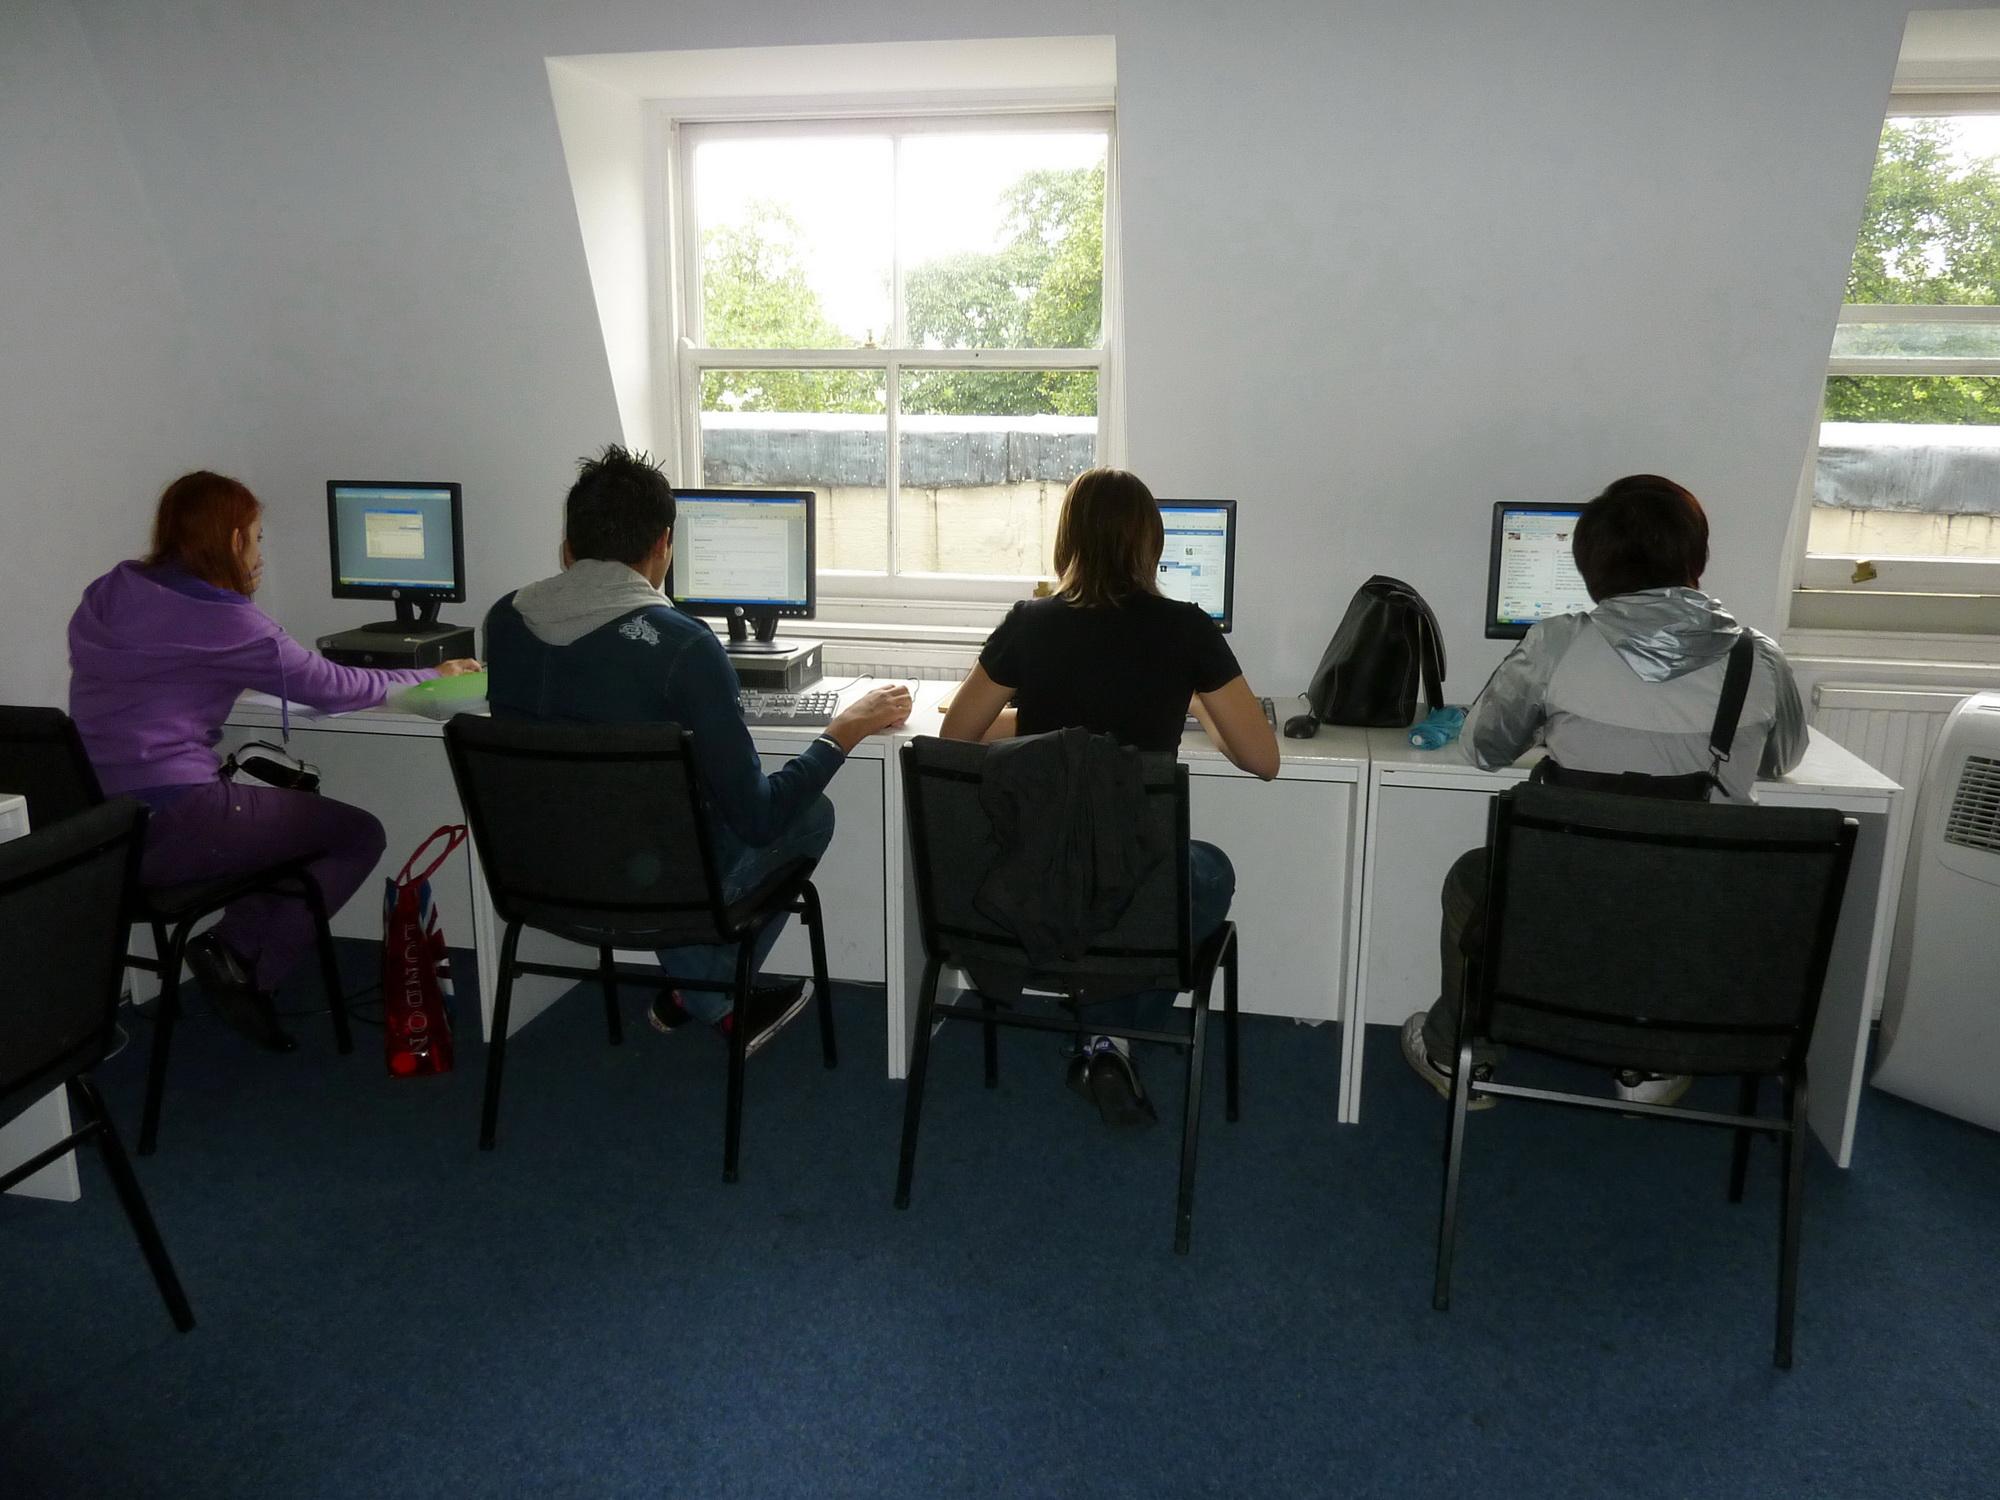 Internet cafe-2-1